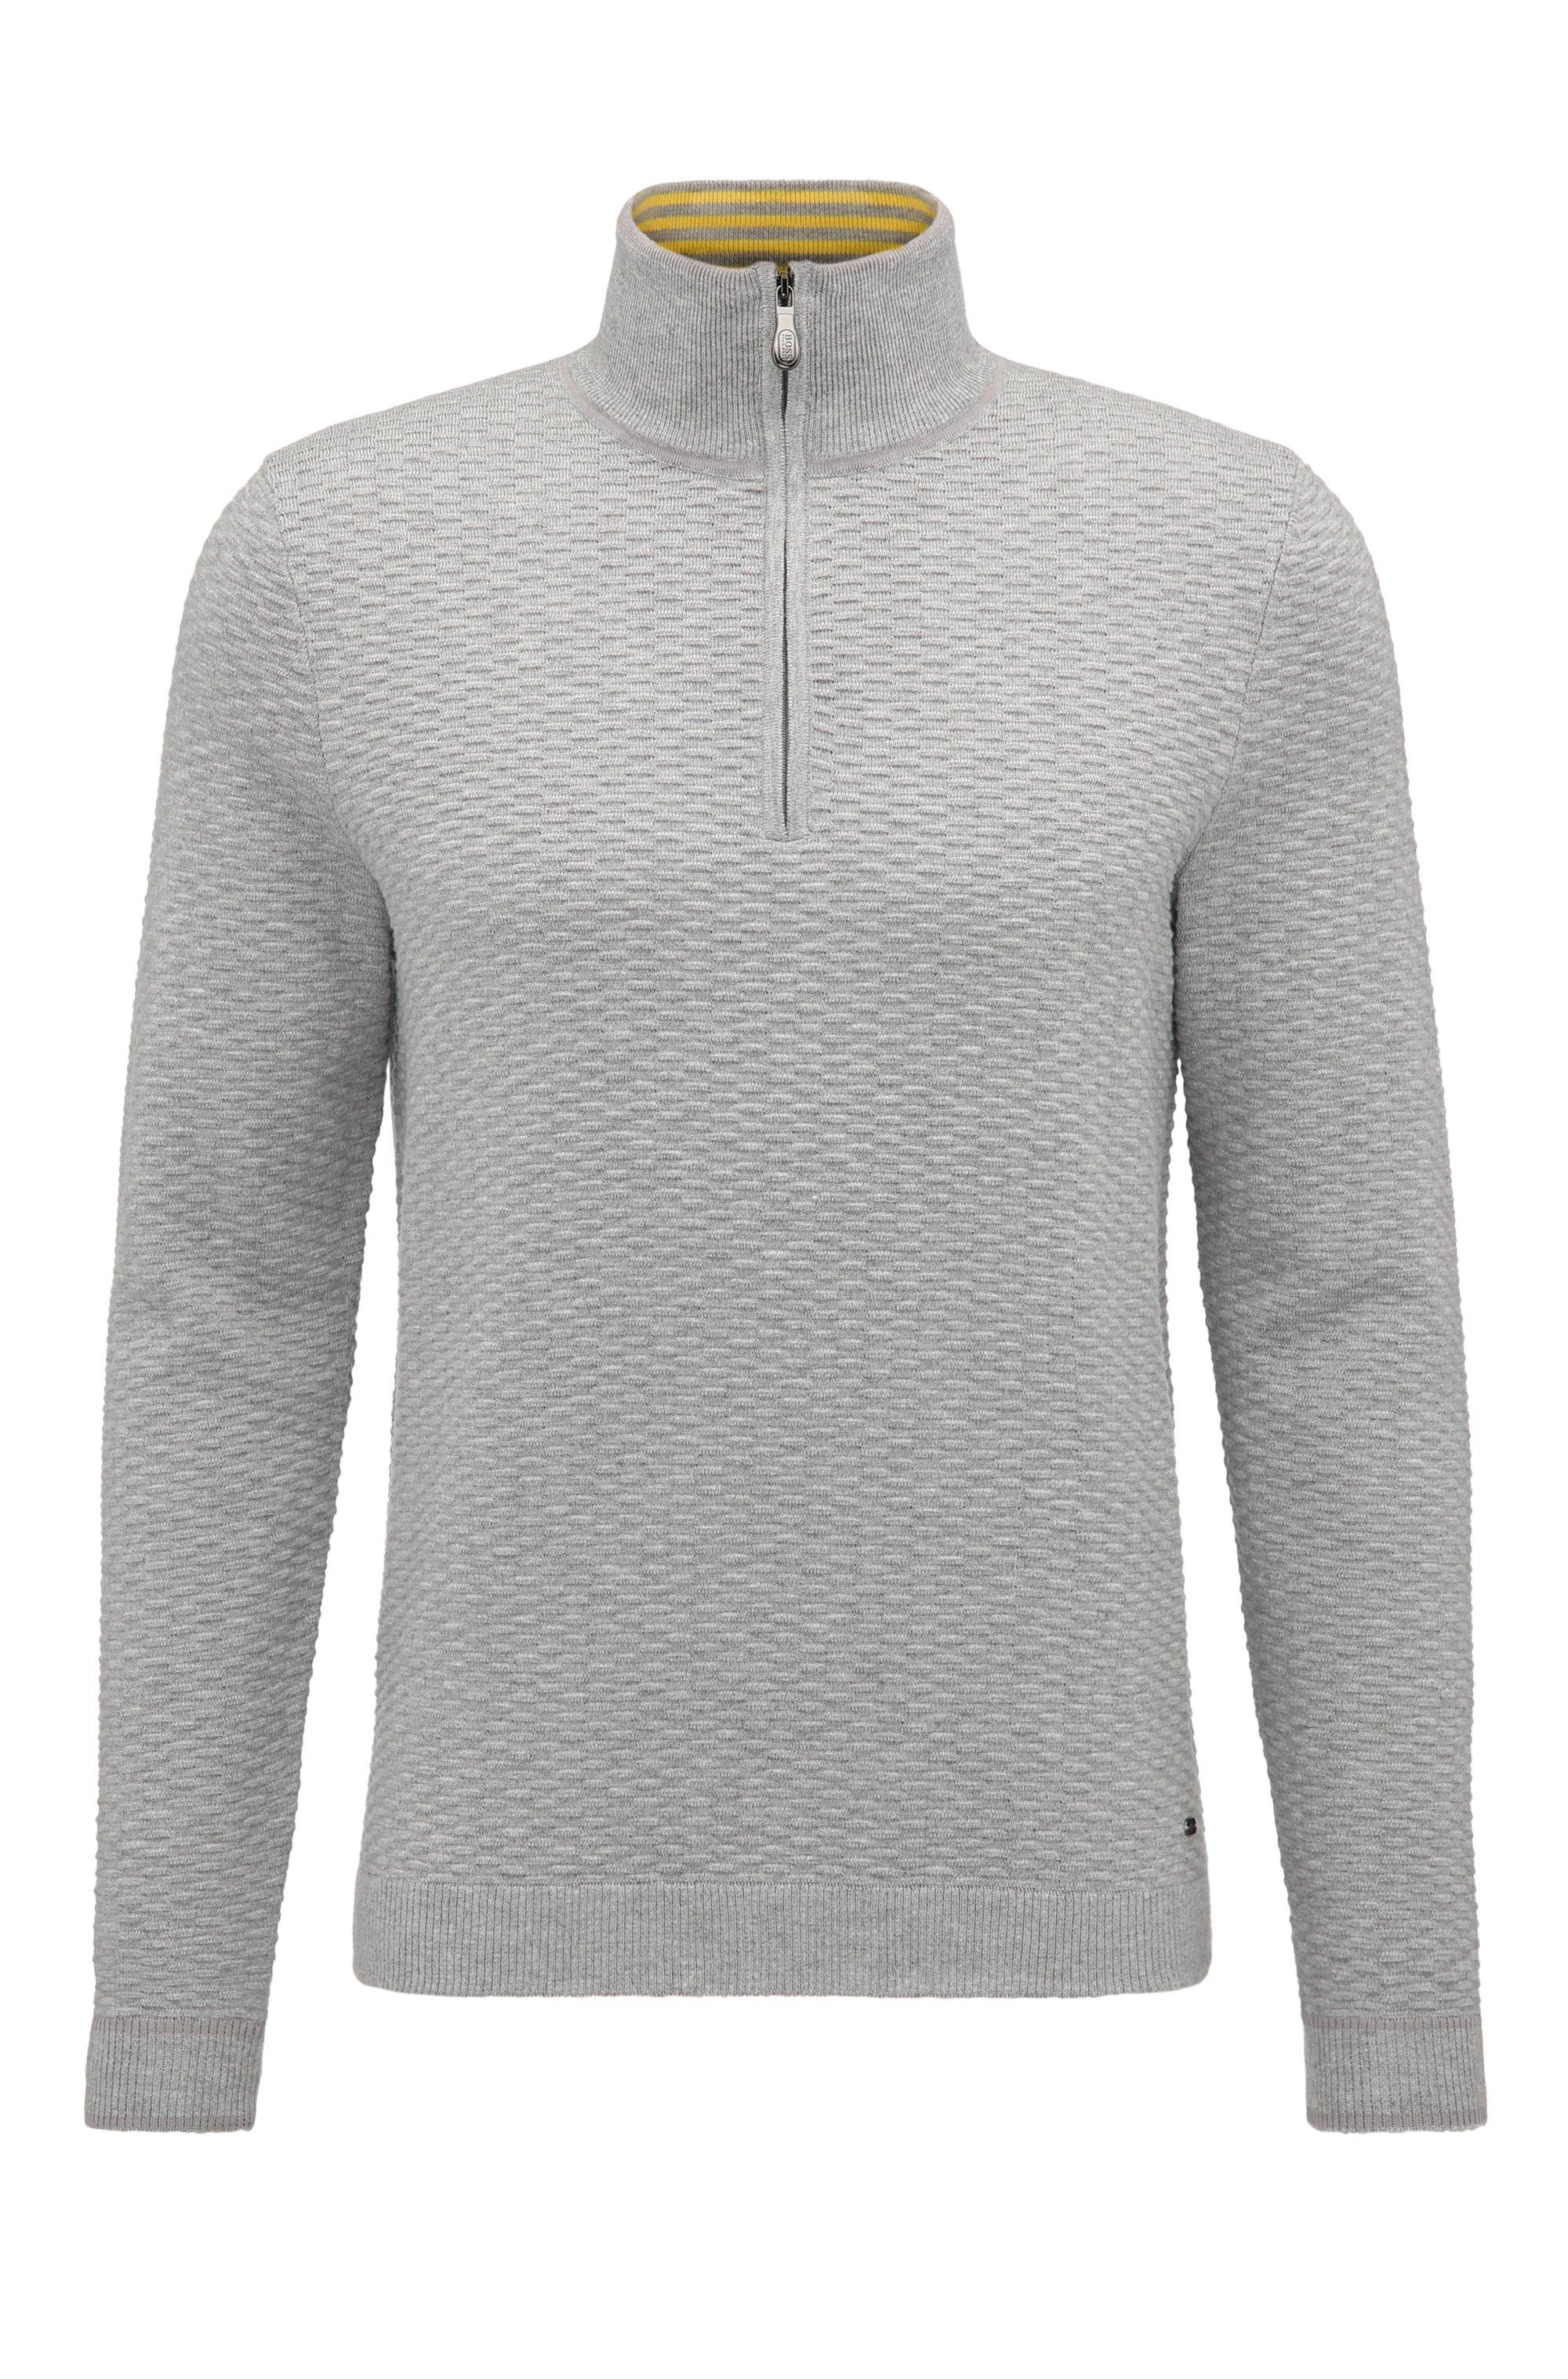 'Zote' | Dobby Stretch Cotton Sweater, Light Grey